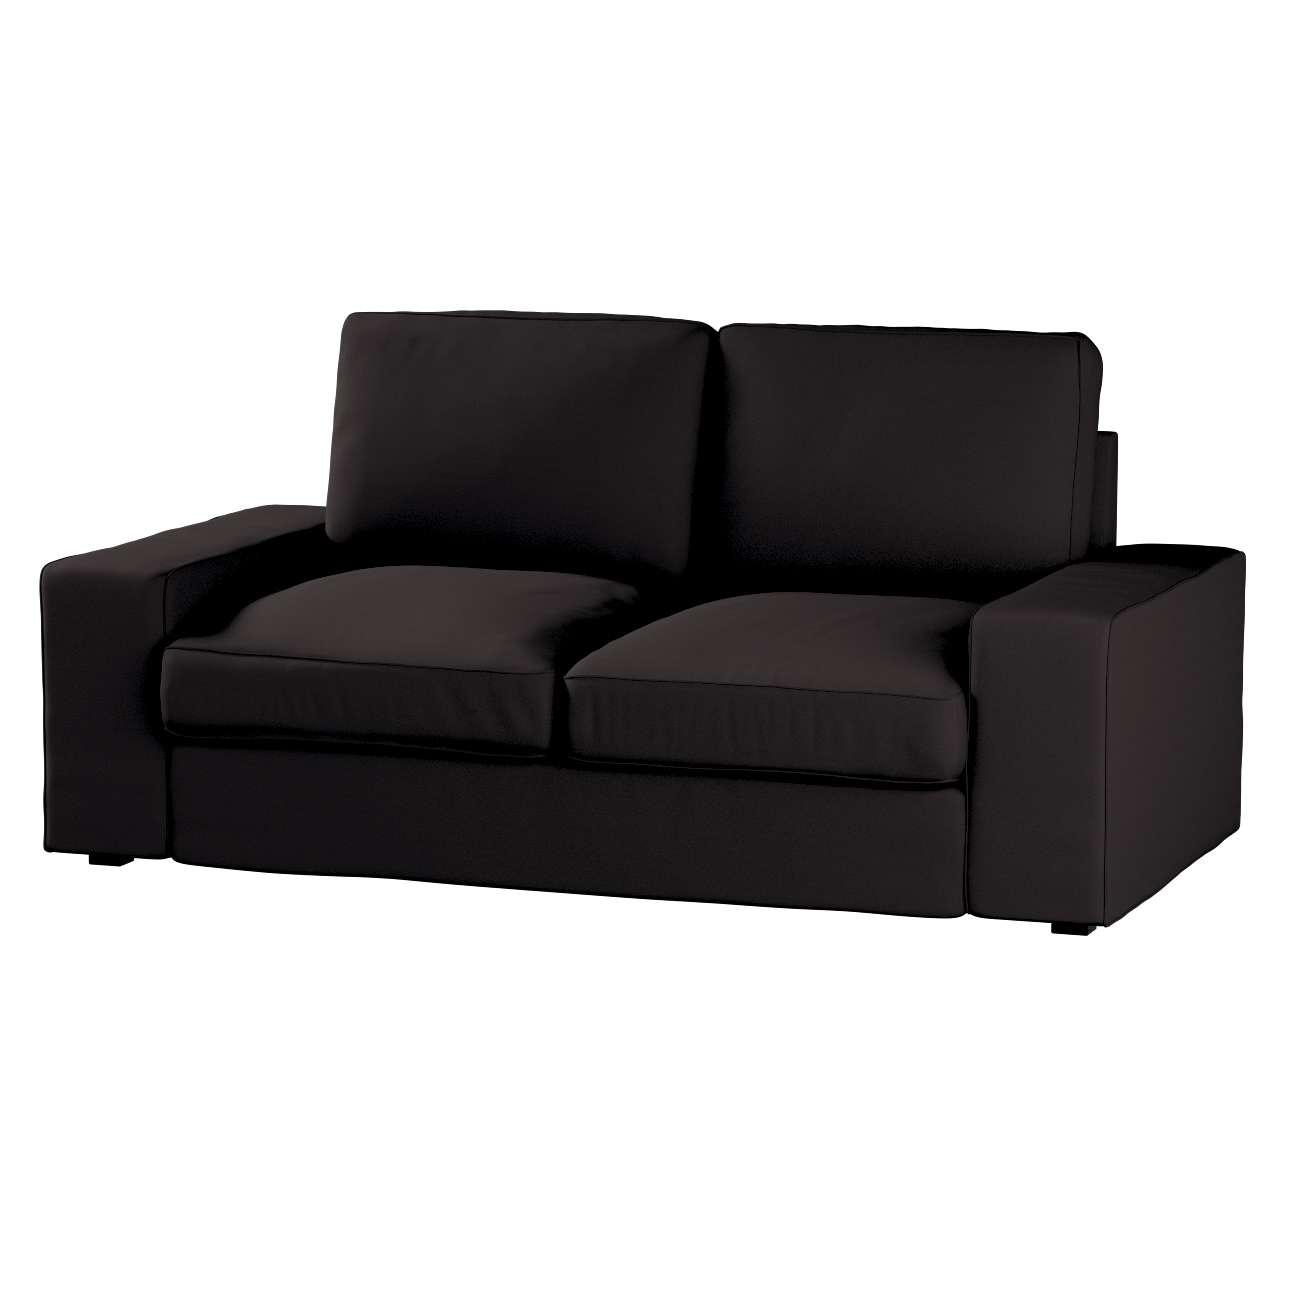 KIVIK dvivietės sofos užvalkalas Kivik 2-seat sofa kolekcijoje Cotton Panama, audinys: 702-09